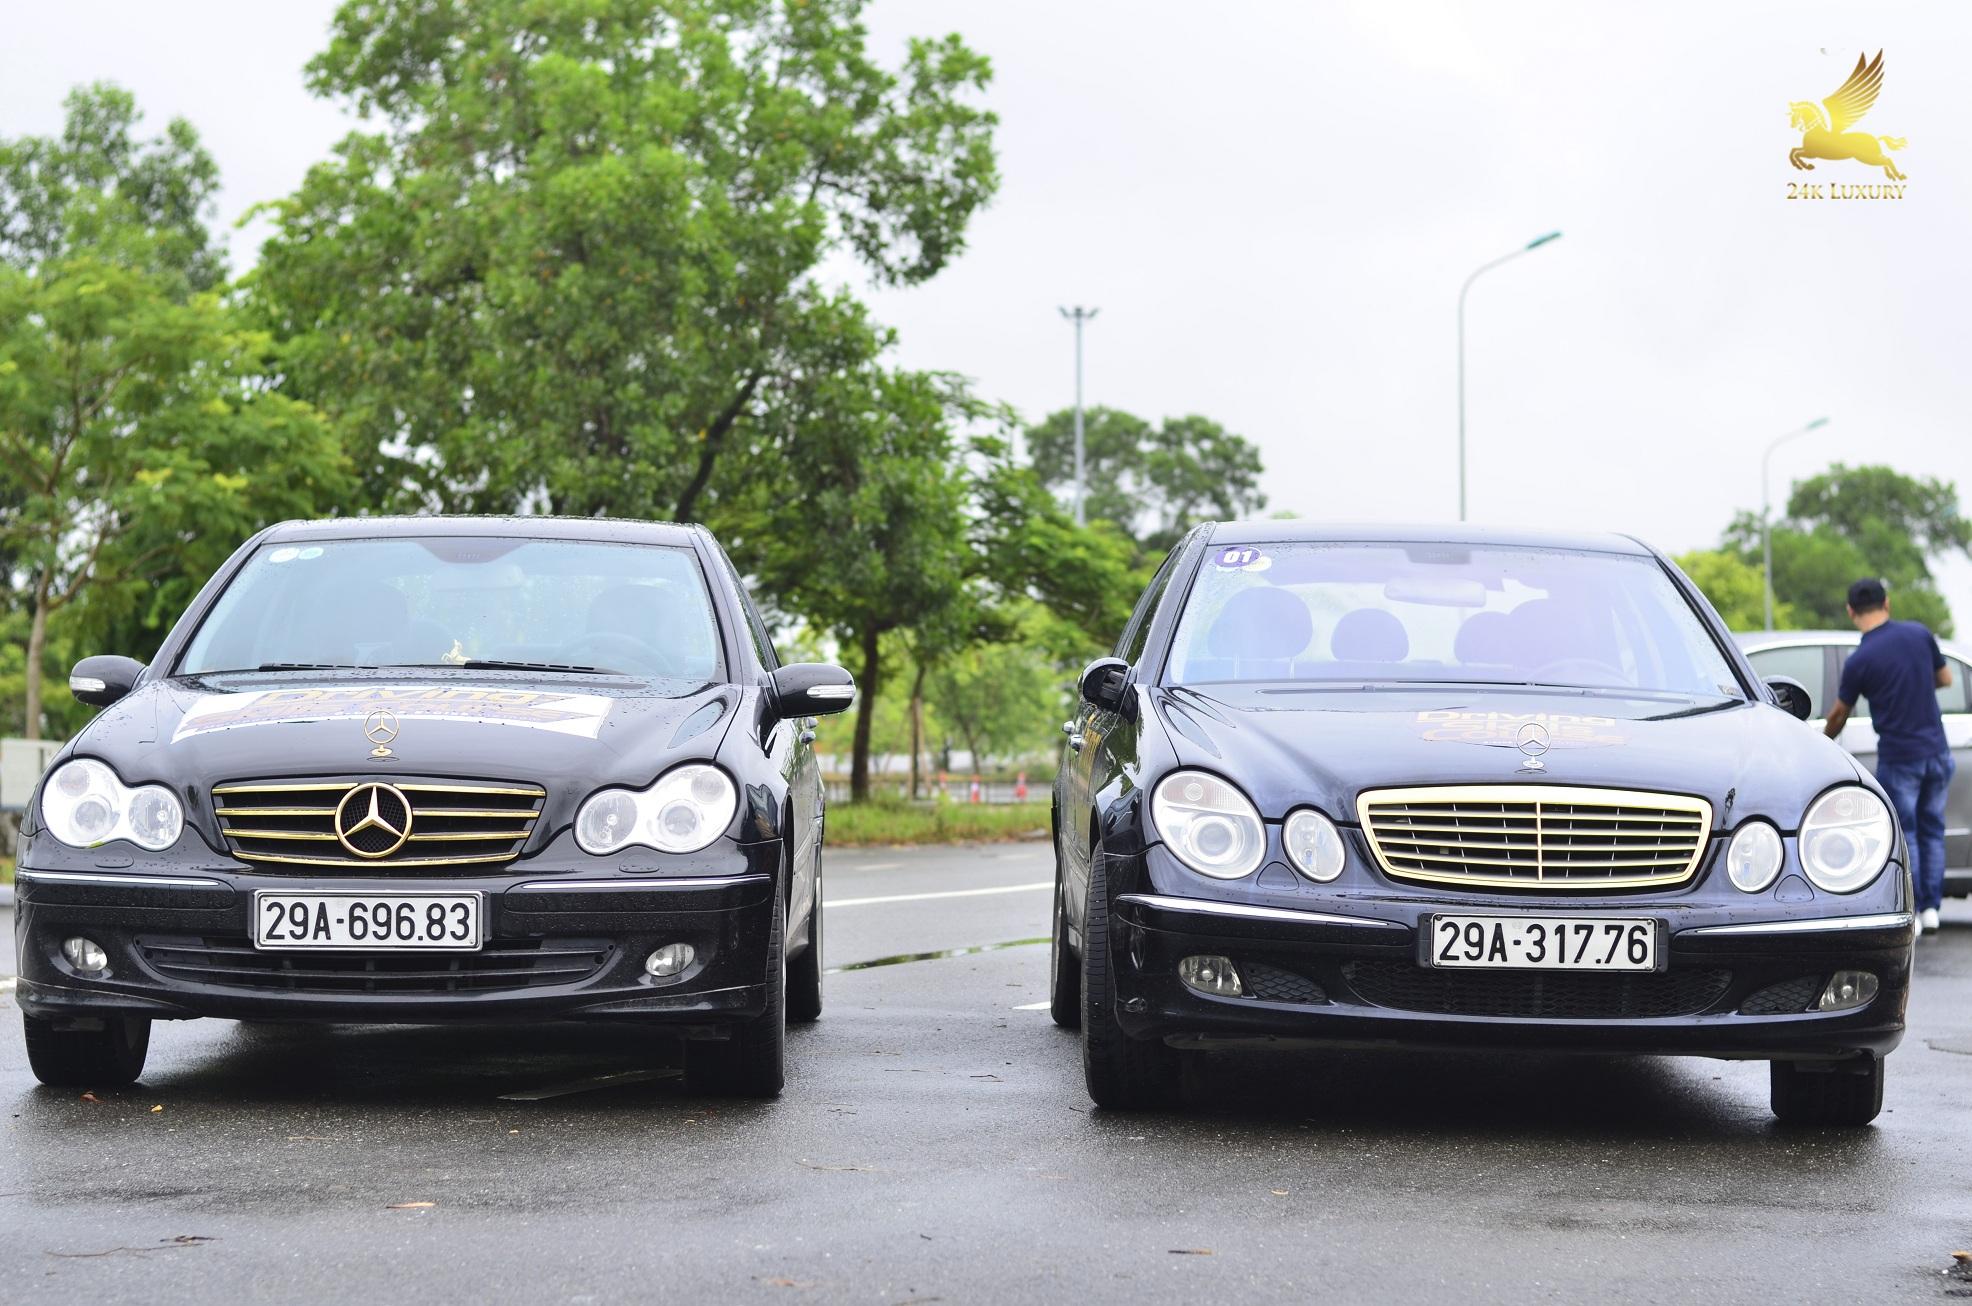 Bộ đôi ô tô Mercedes mạ vàng 24k